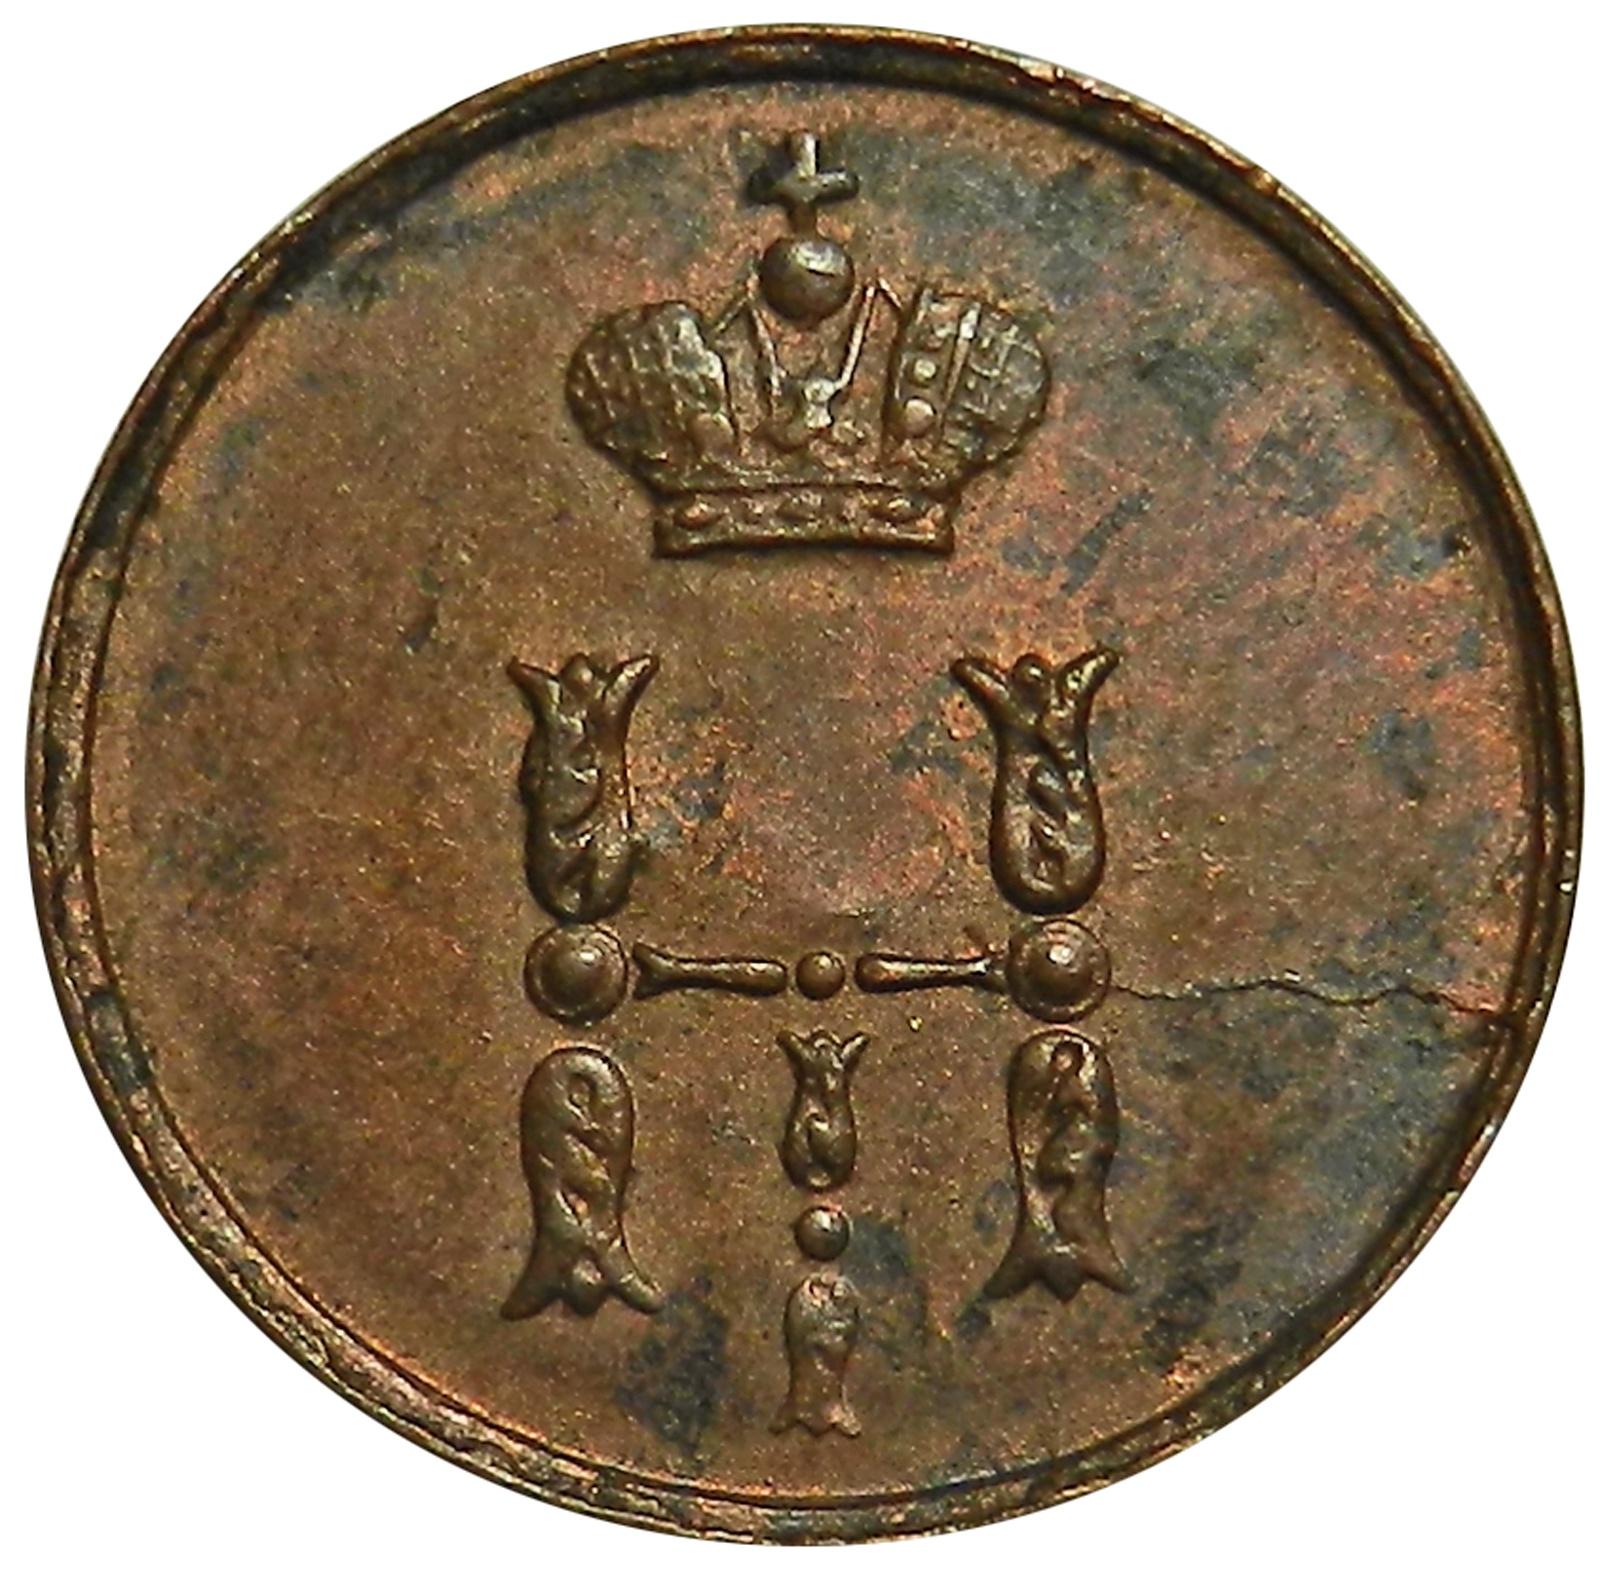 Монета Полушка. Медь. Российская Империя, ЕМ, 1851 год (MS)